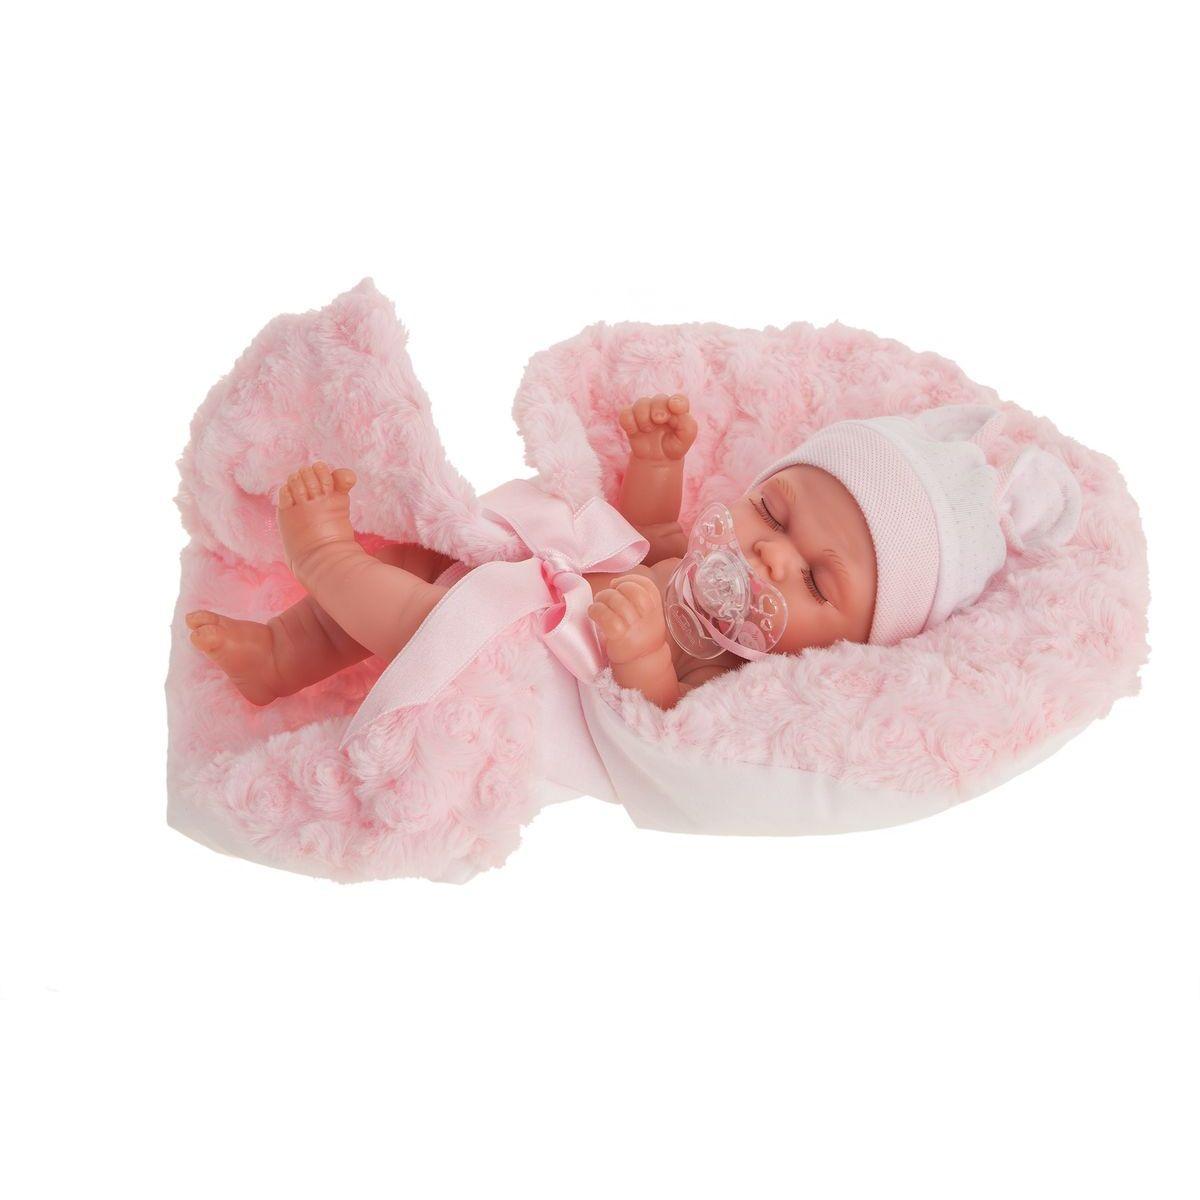 Antonio Juan Luni spící realistická panenka miminko s celovinylovým tělem 26 cm